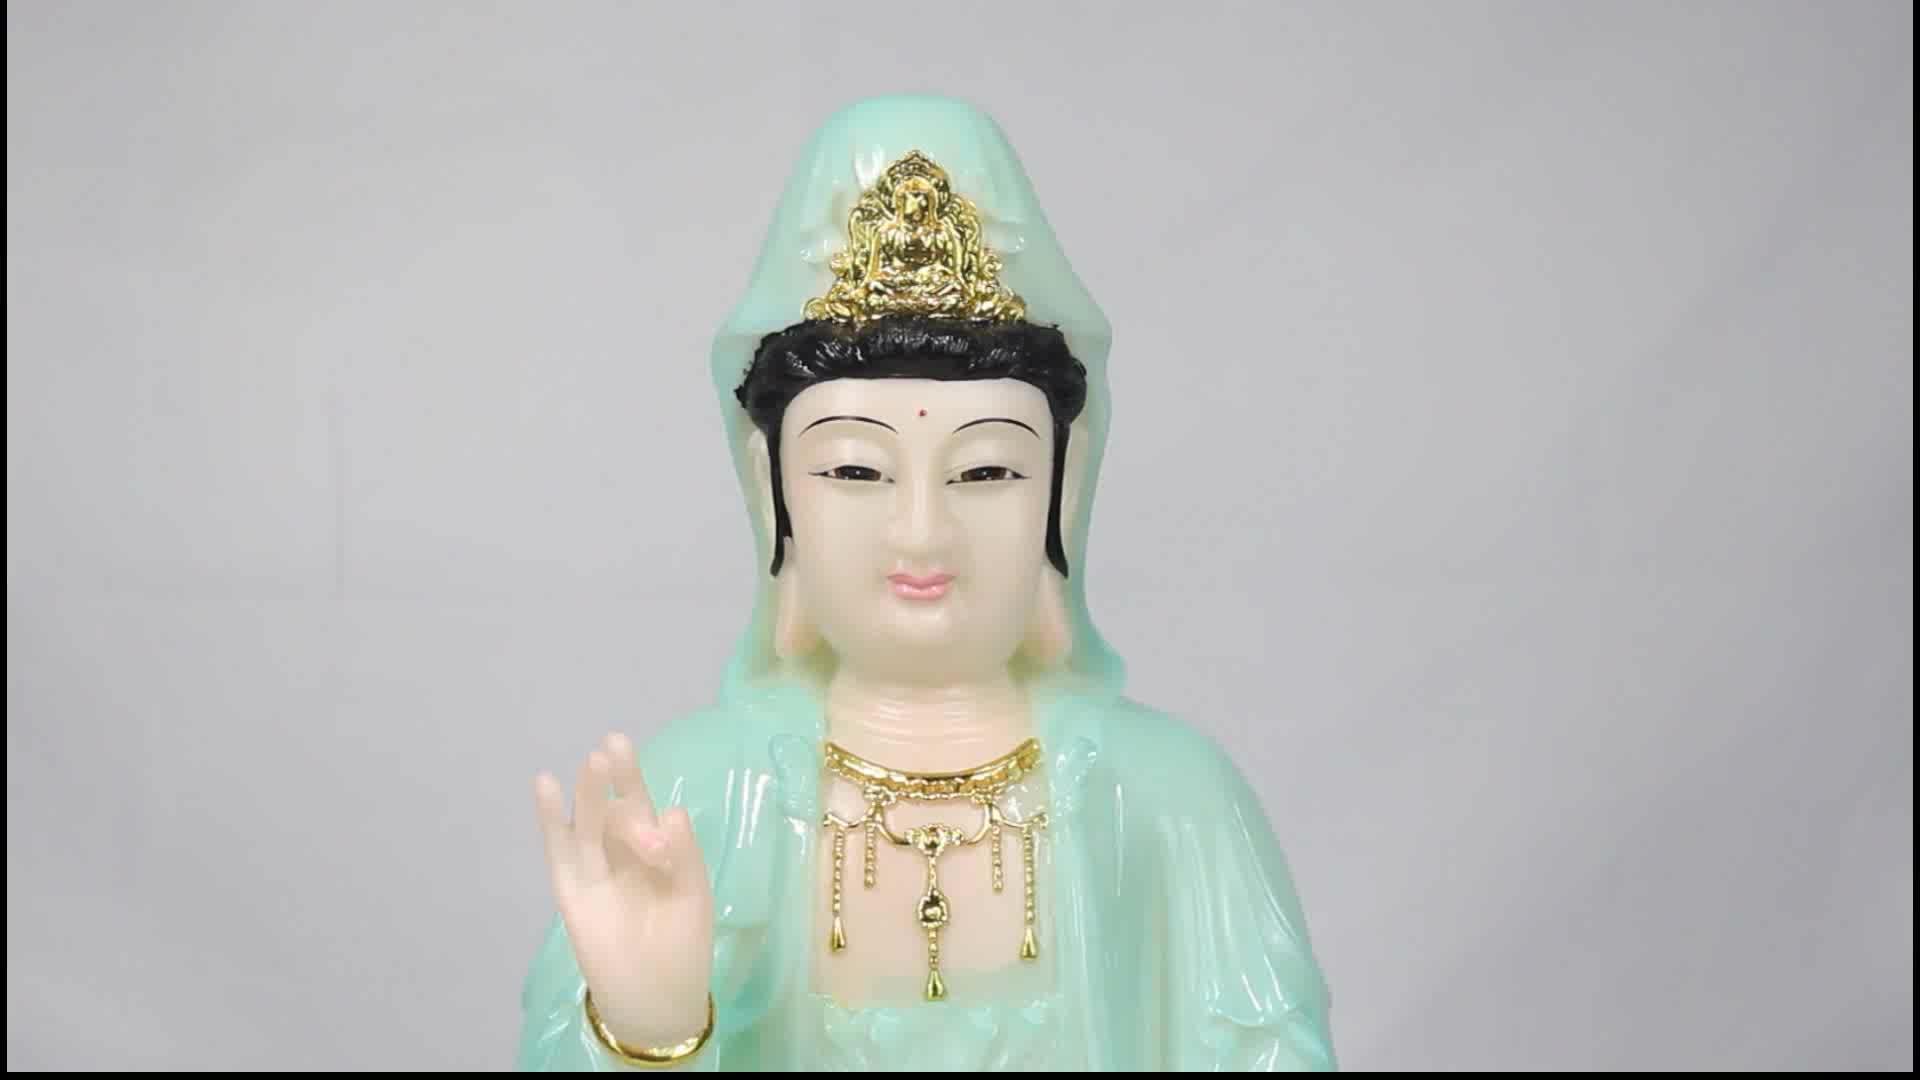 Hot Sale Branco Decoração Do Jardim Grande Antiga Estátua de Buda de Jade Verde para a Venda